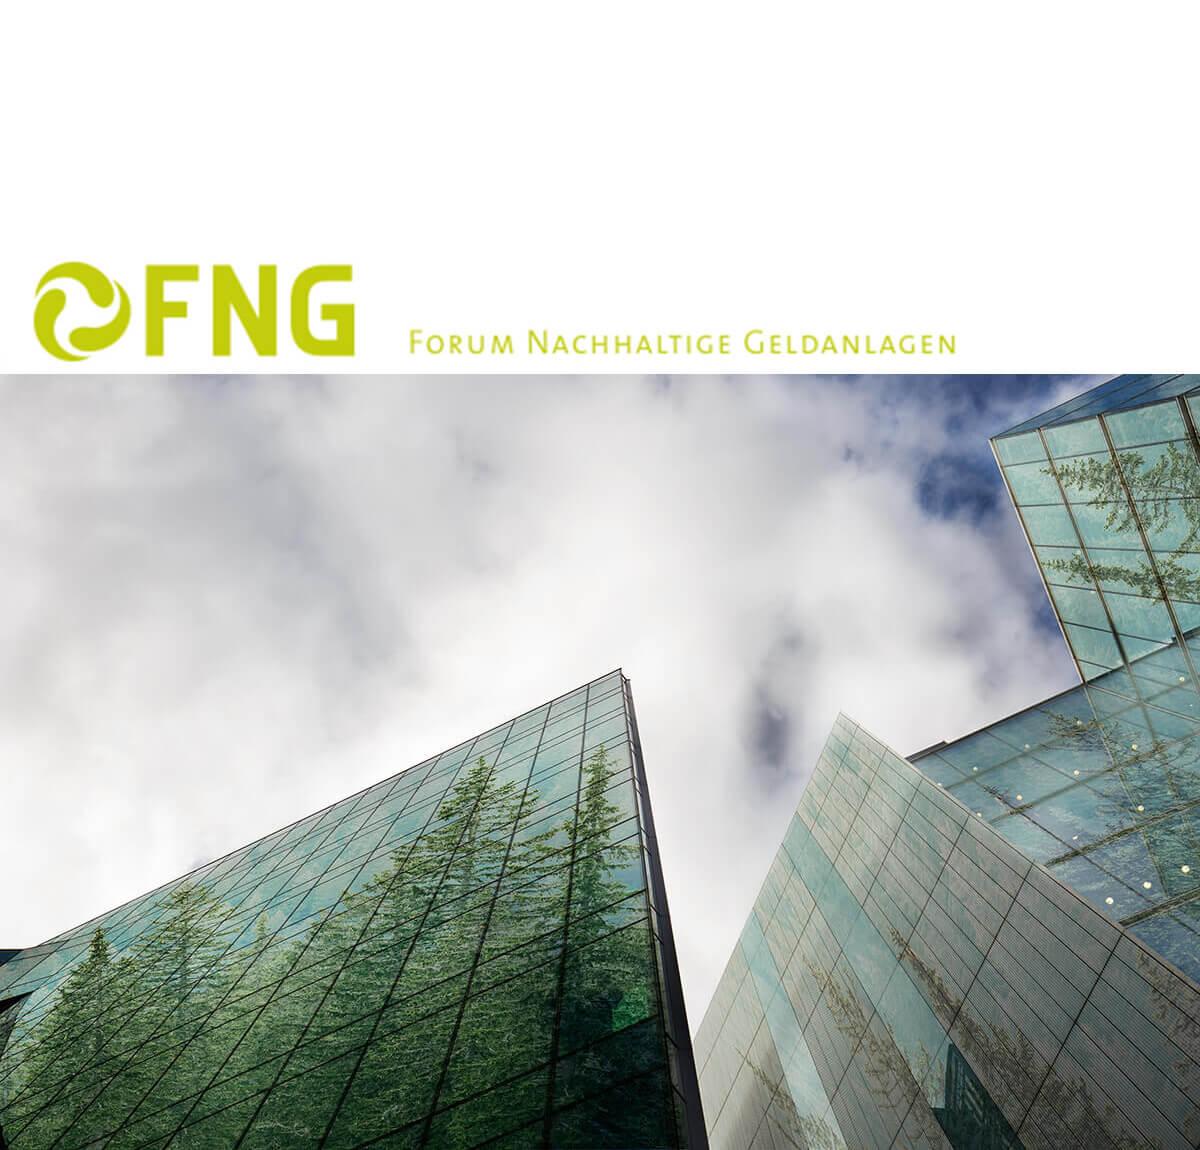 Forum Nachhaltige Geldanlagen